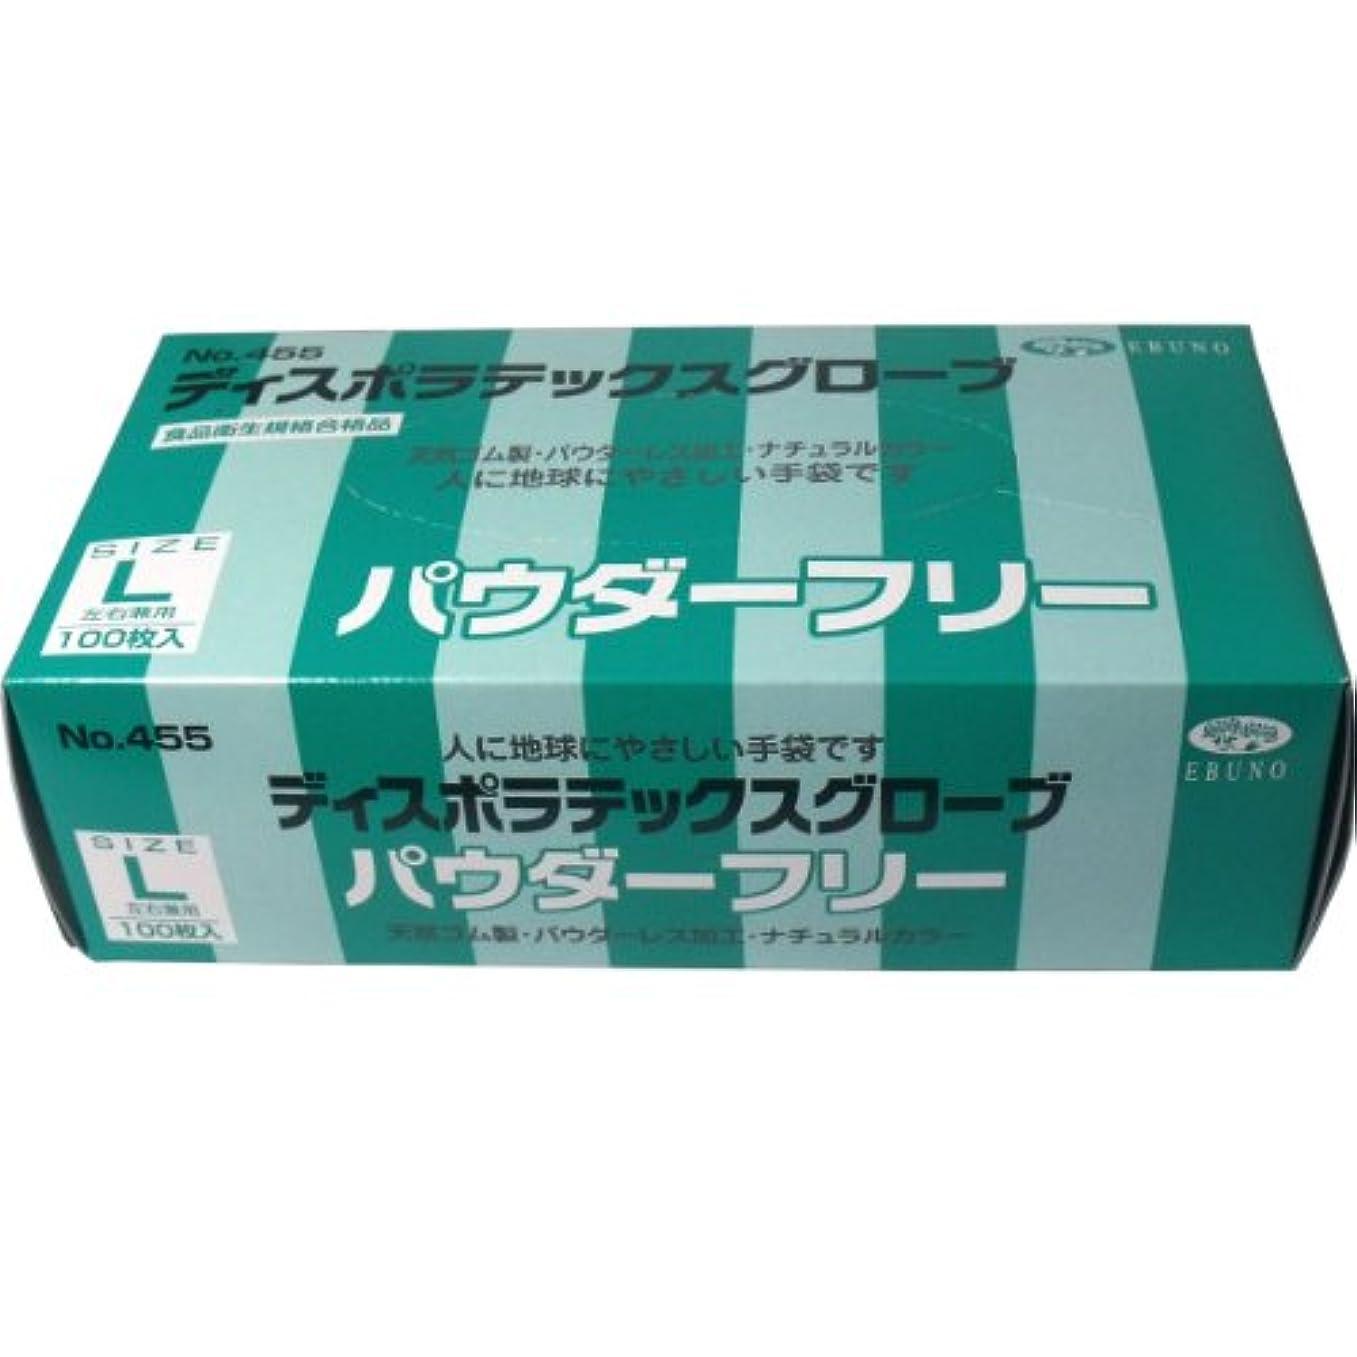 ディスポ ラテックスグローブ(天然ゴム手袋) パウダーフリー Lサイズ 100枚入 ×5個セット